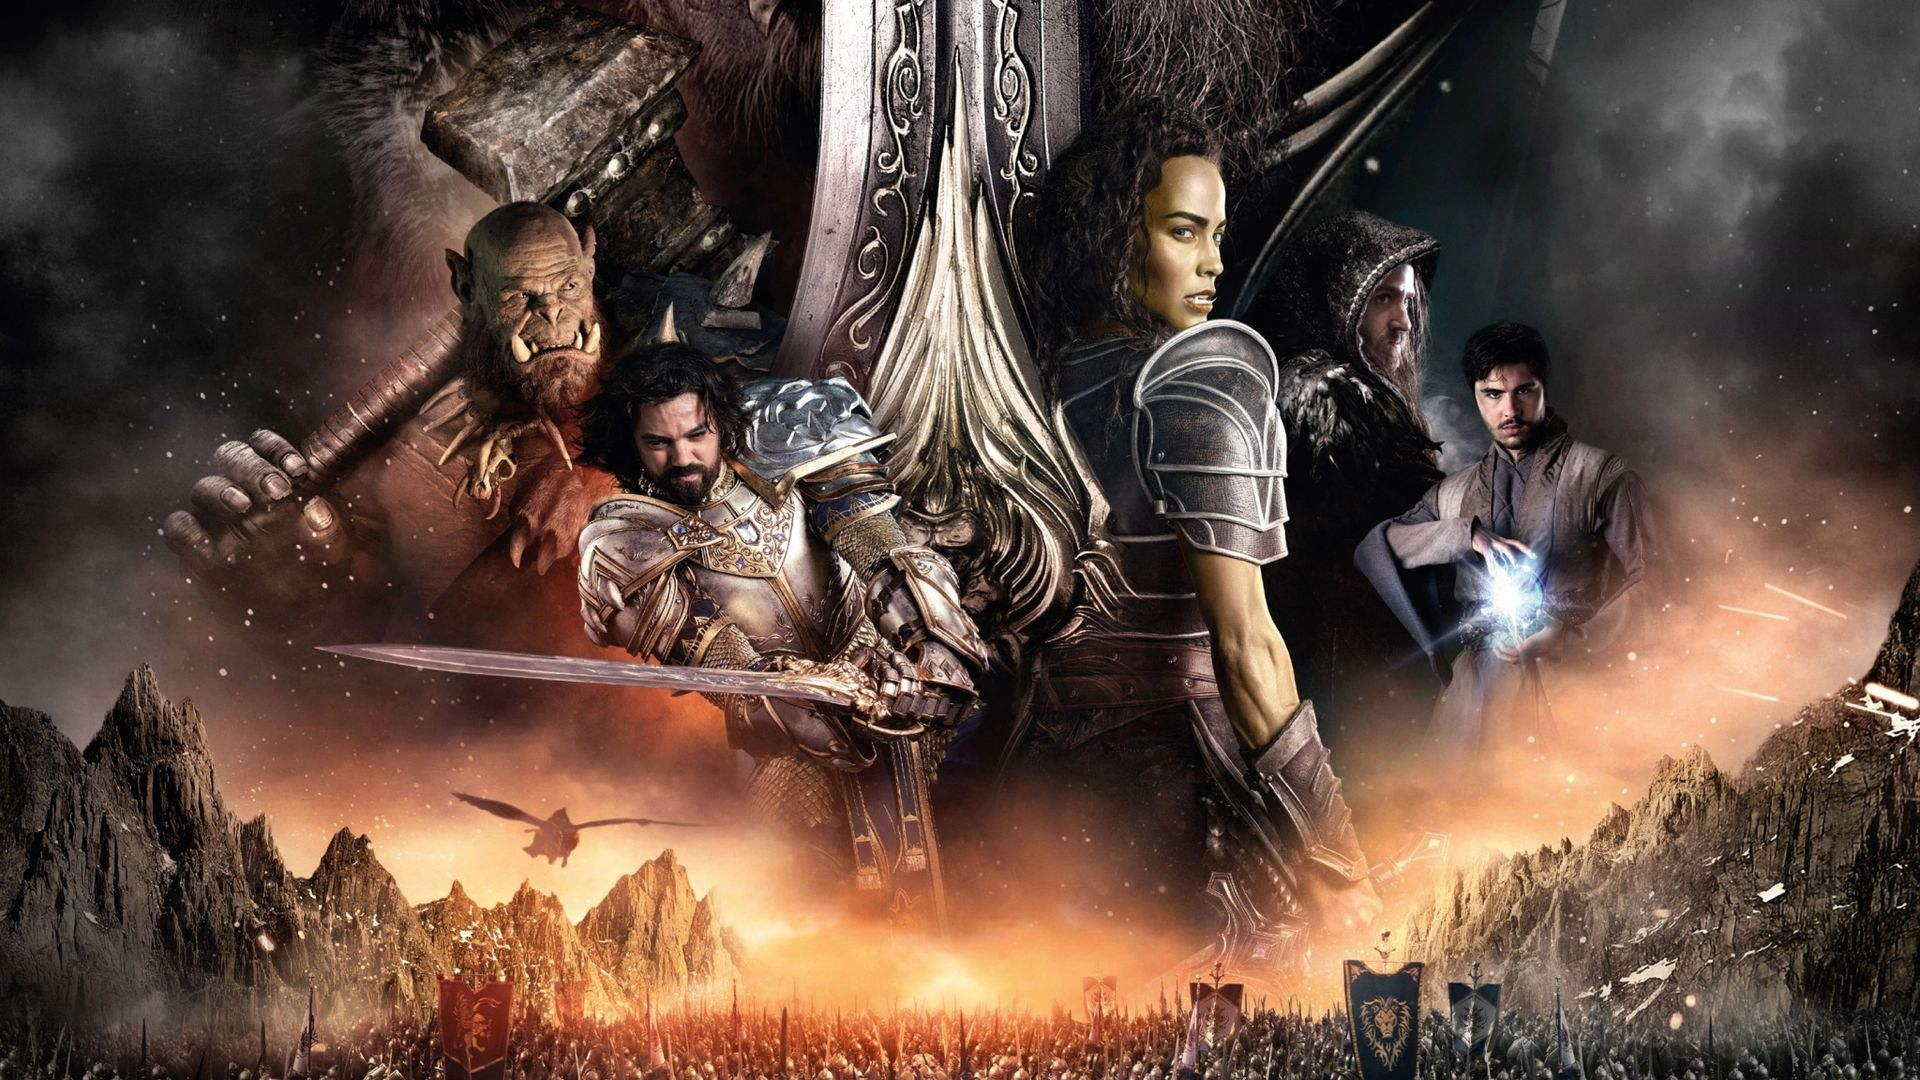 Warcraftfilmen är främst sevärd för de som nördat spelen